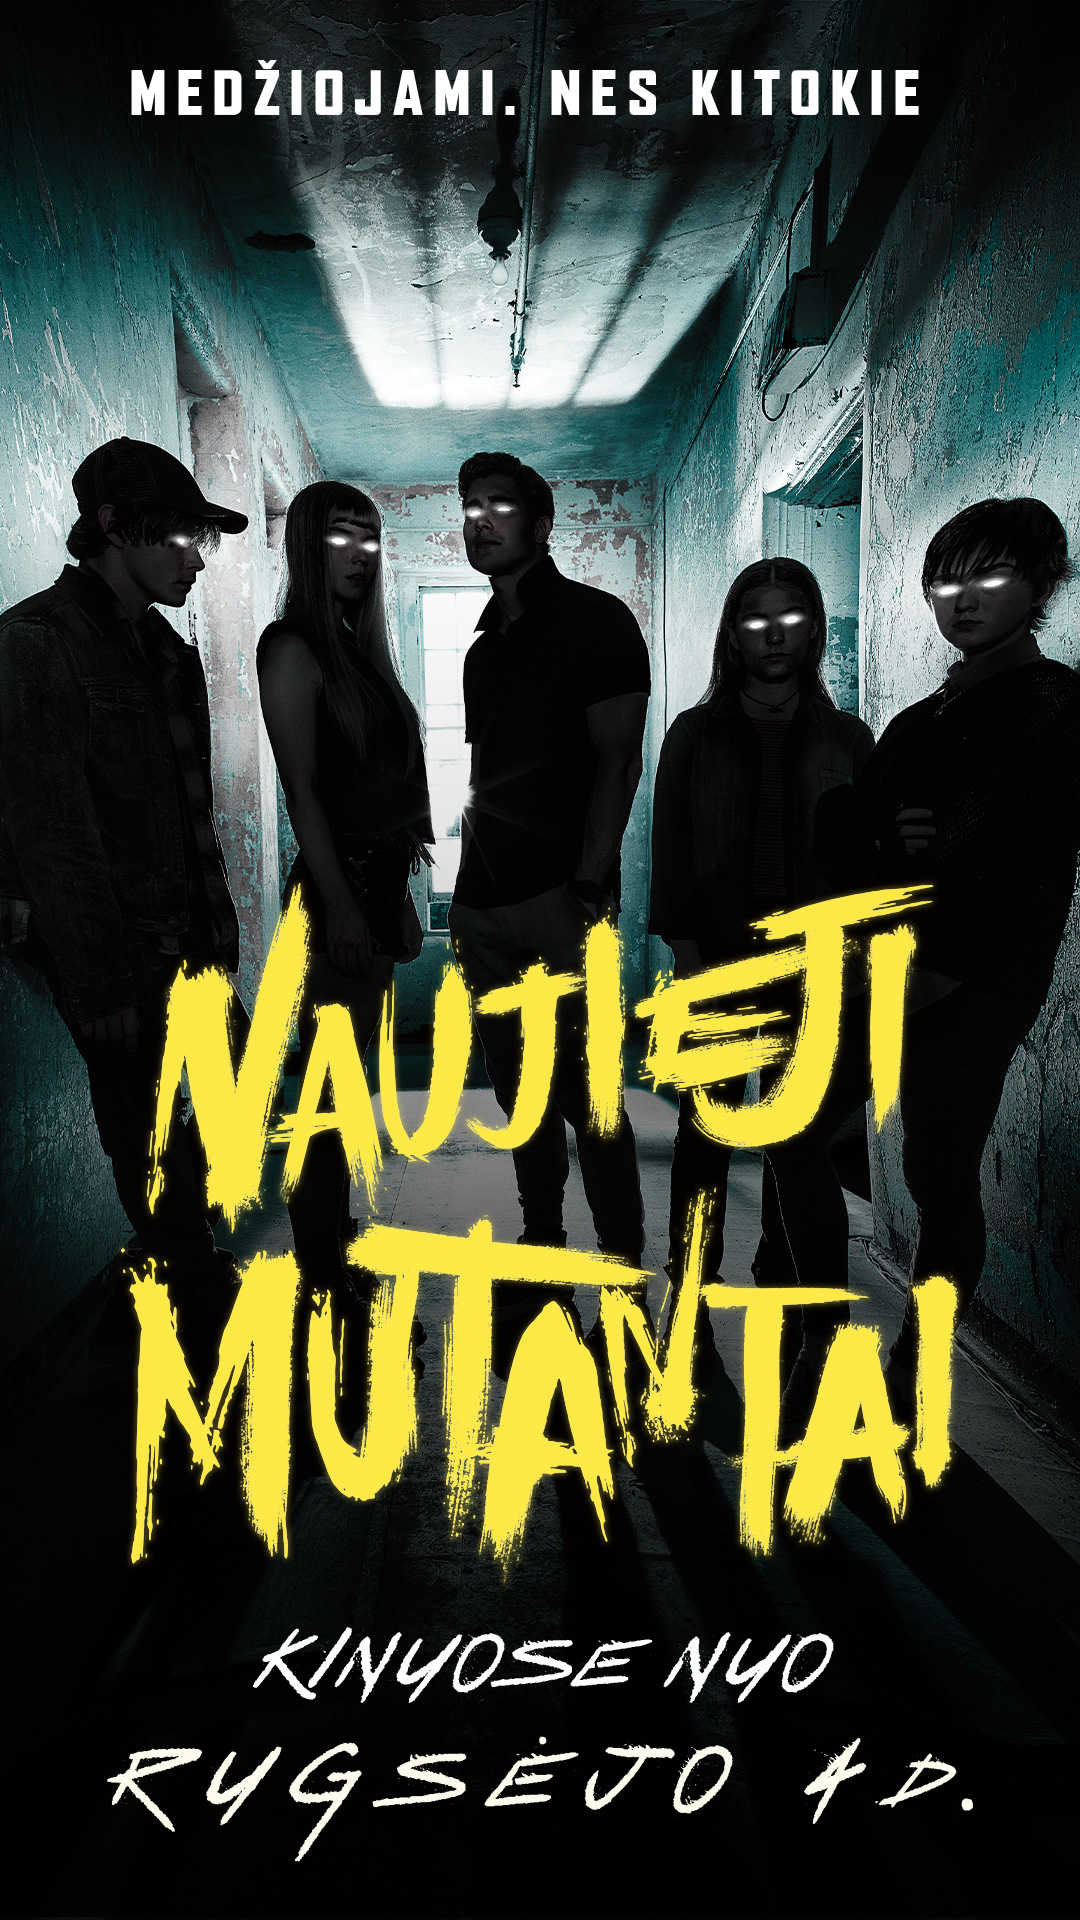 NAUJIEJI MUTANTAI (New Mutants)